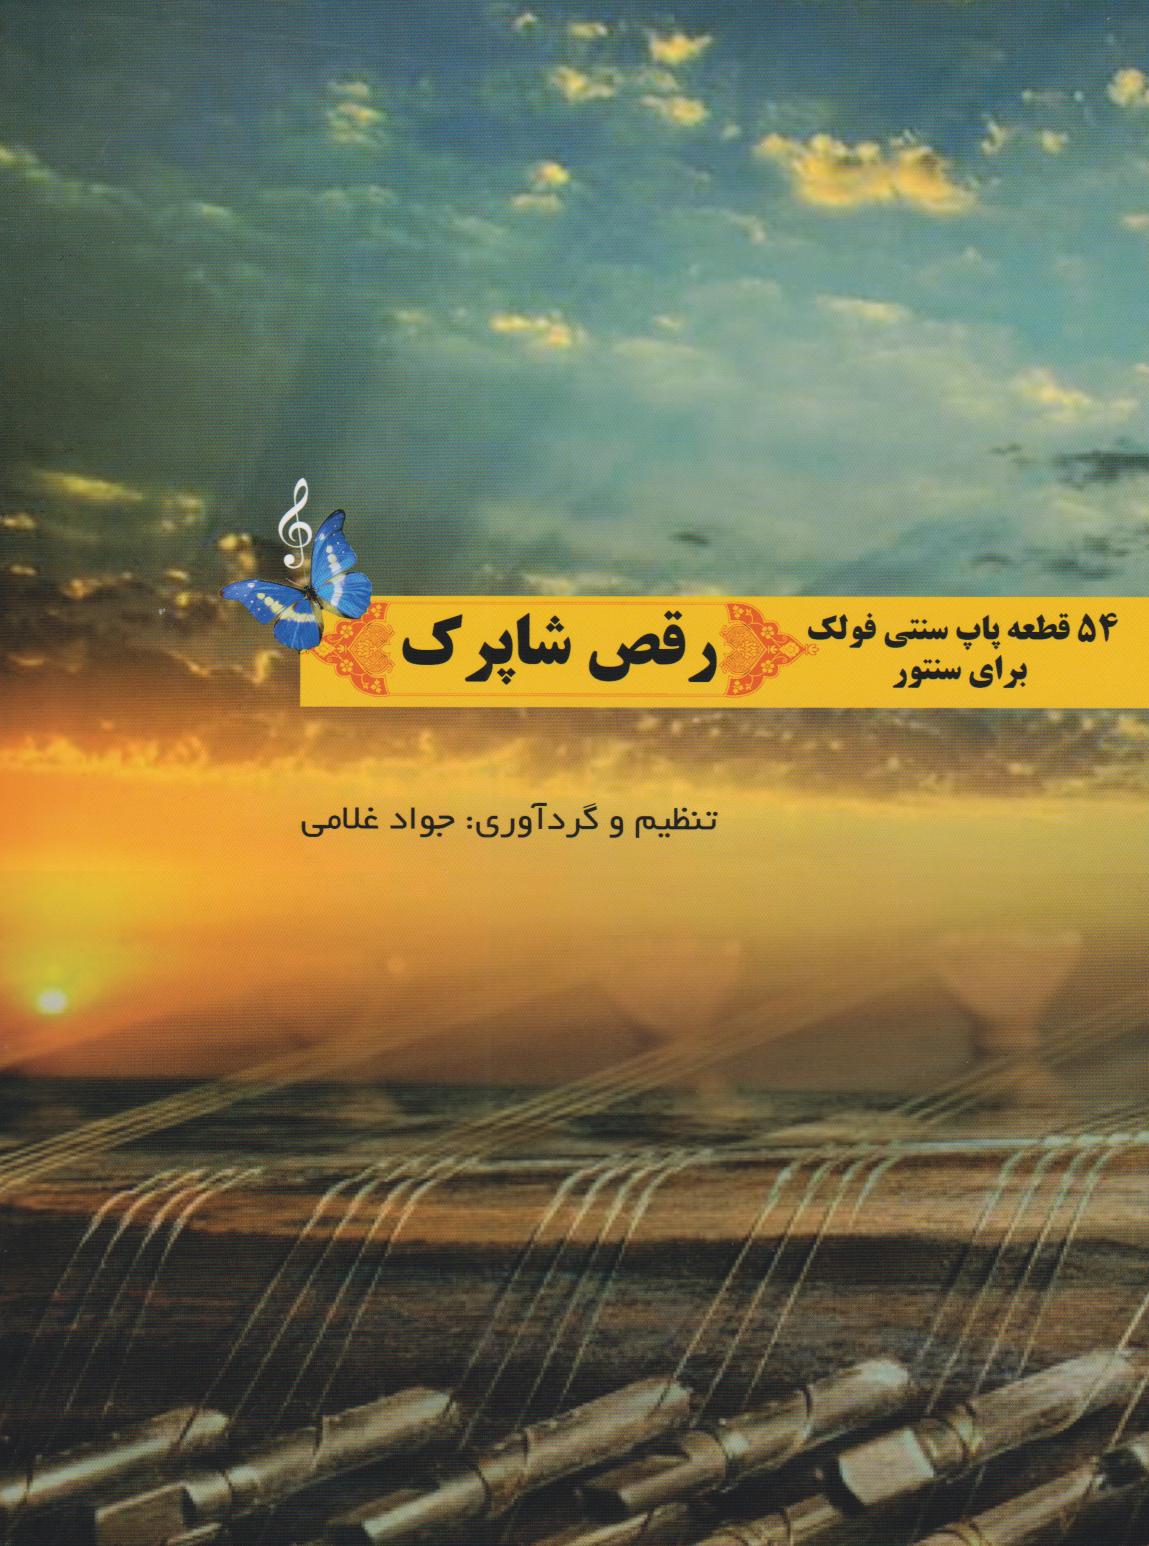 کتاب رقص شاپرک جواد غلامی انتشارات هاوژین